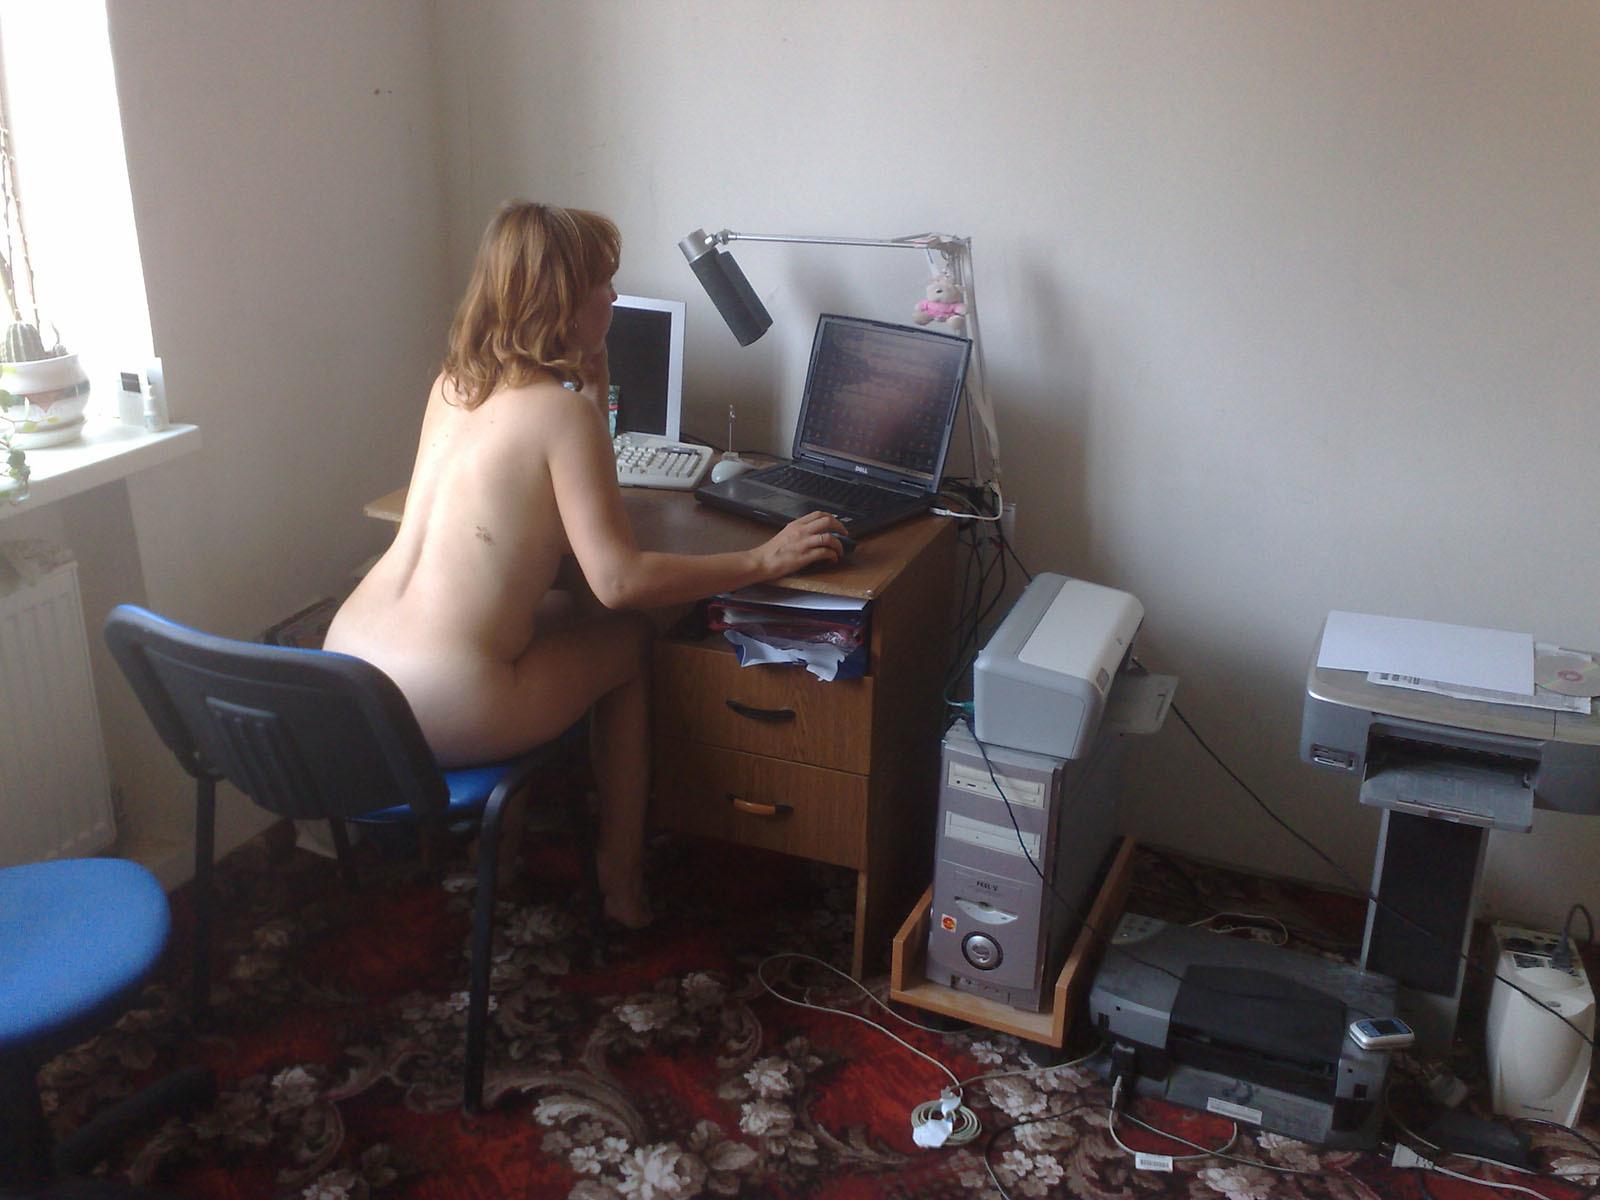 Лучших анальных голые девушка с черными волосами у компьютера вечеринка курских